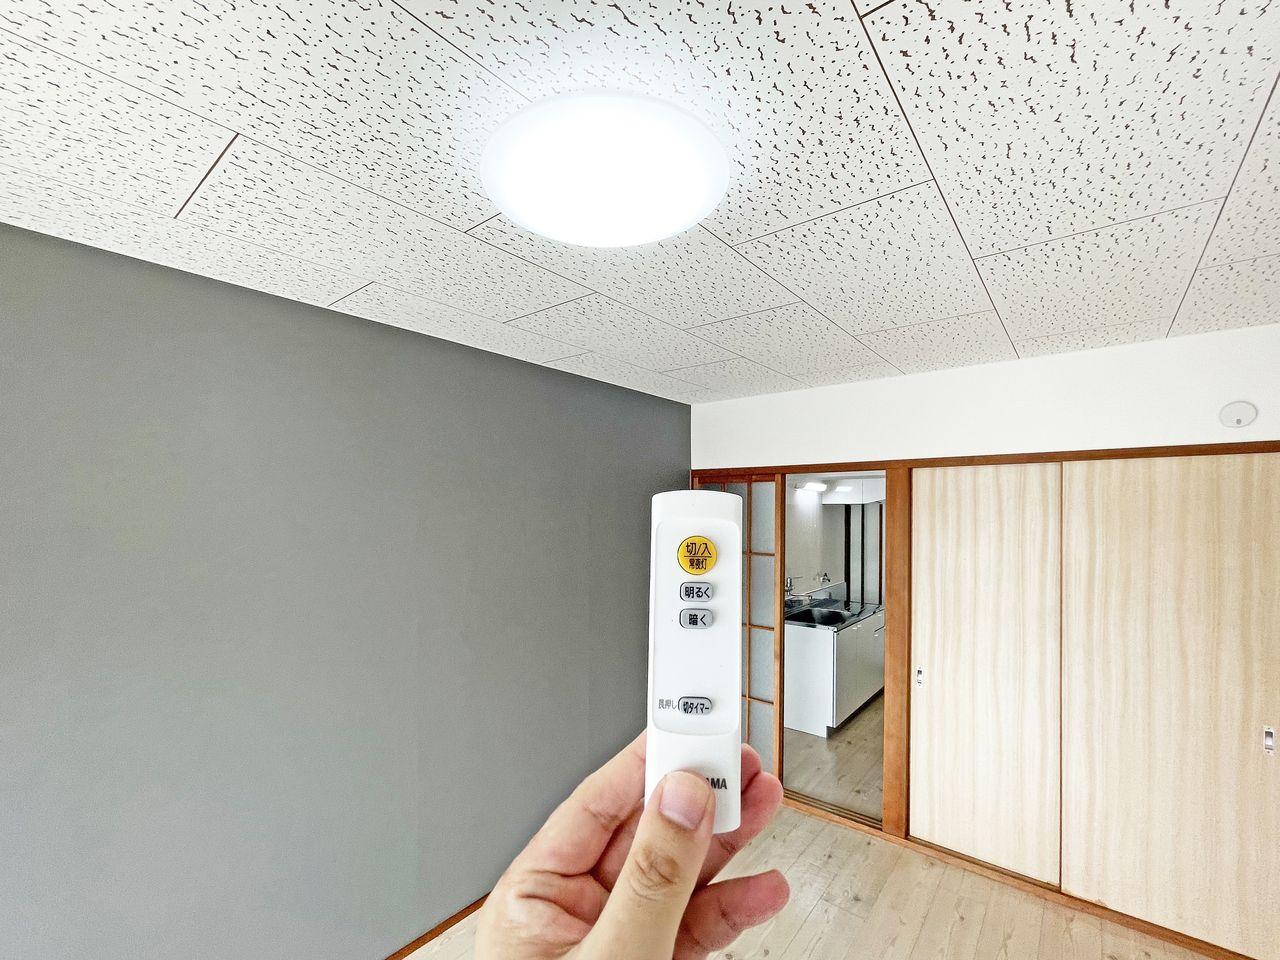 照明のONとOFFや明るさの微調整ができます。くつろぎスペースにあると嬉しい設備です。